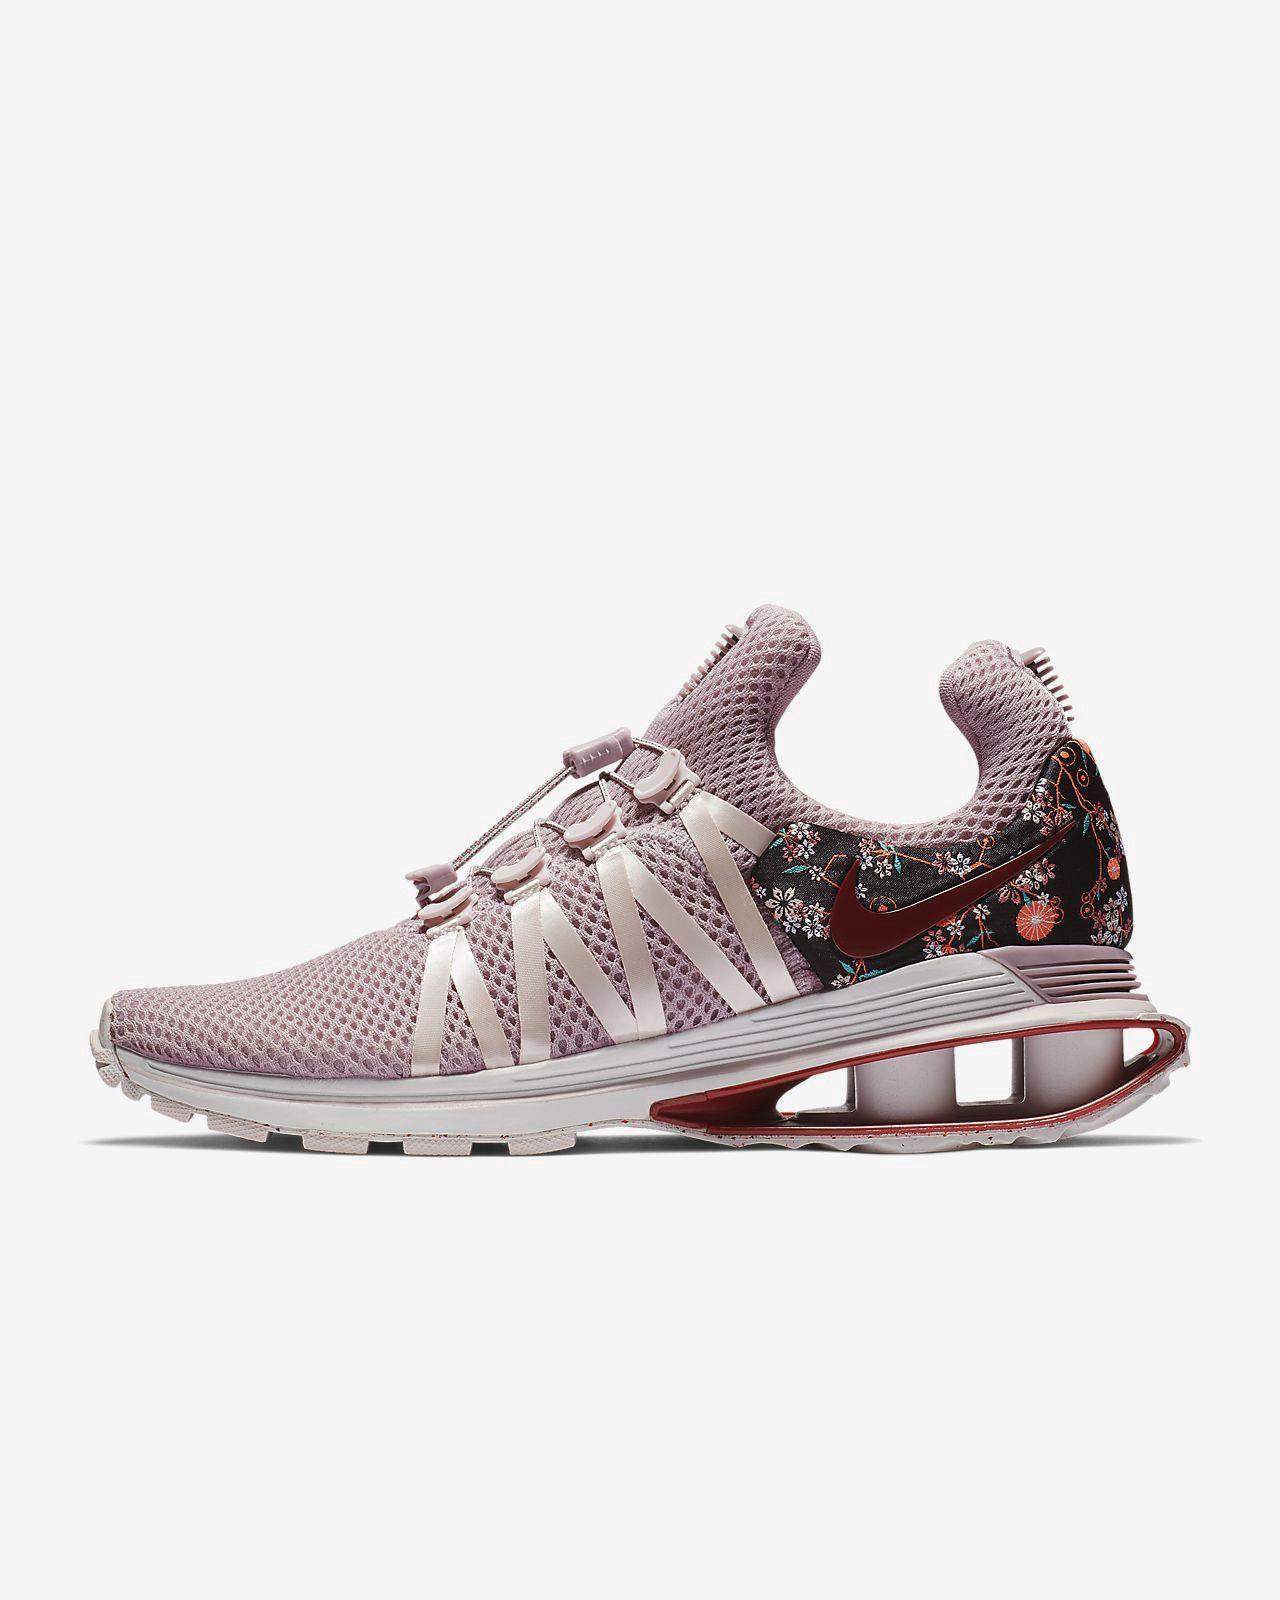 765e5d3dc00e Nike Shox Gravity Women s Shoe - 6.5 Red